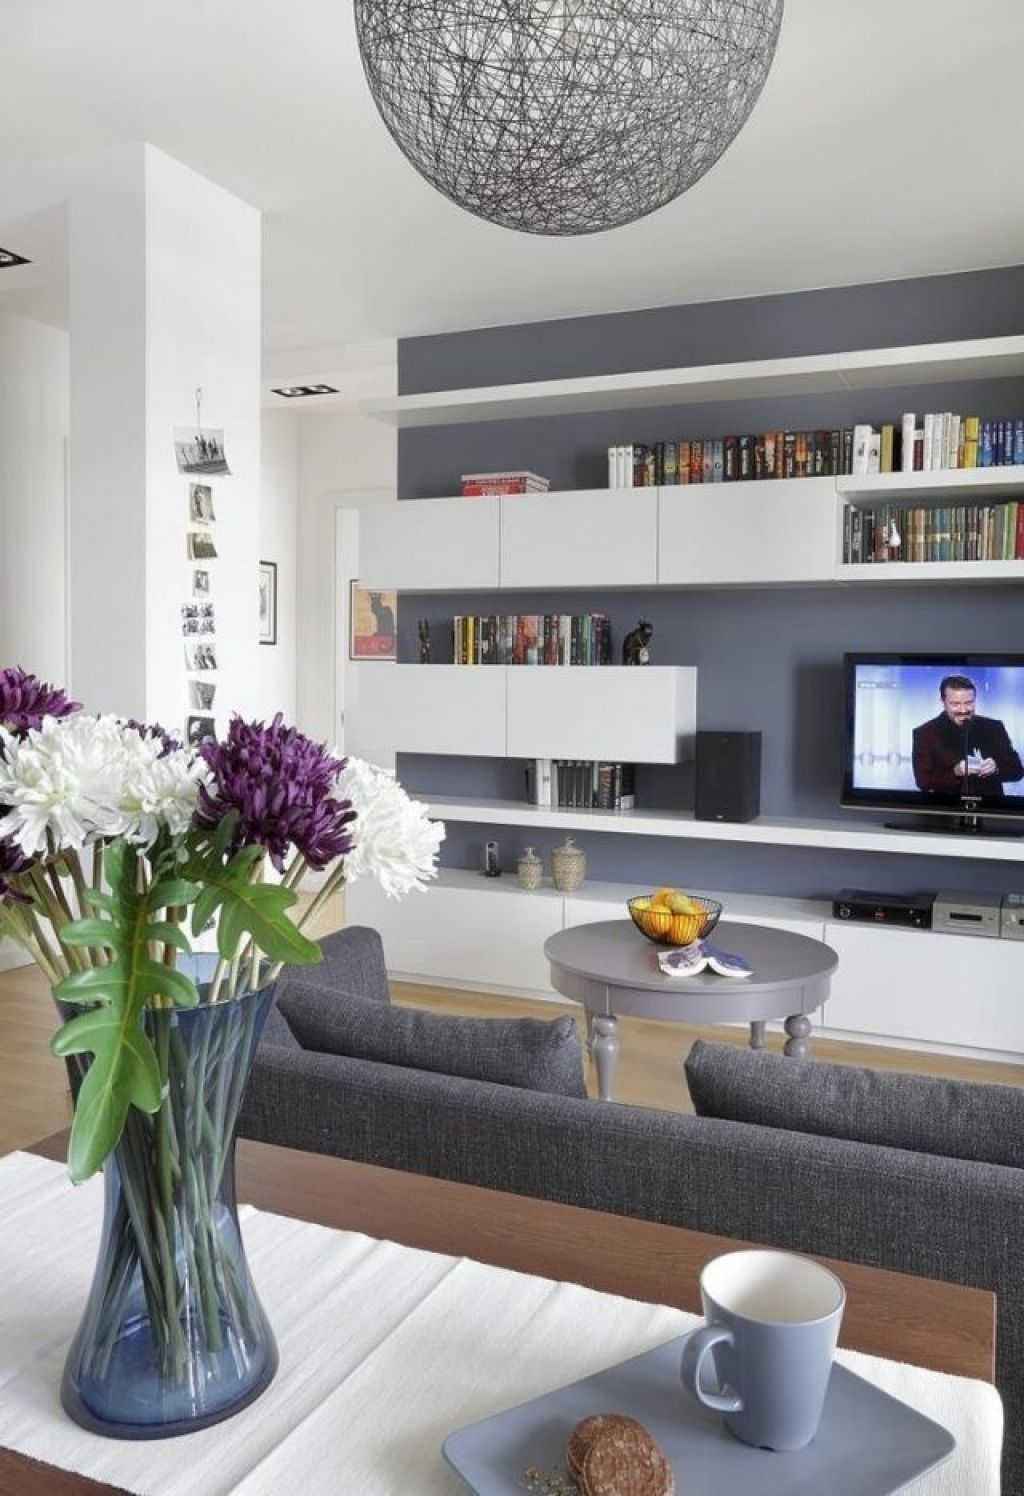 Moderner Wohnzimmer Anstrich Ideen Wohnzimmer Streichen Graue Wandfarbe  Weisse Regale Modern Moderner Wohnzimmer Anstrich